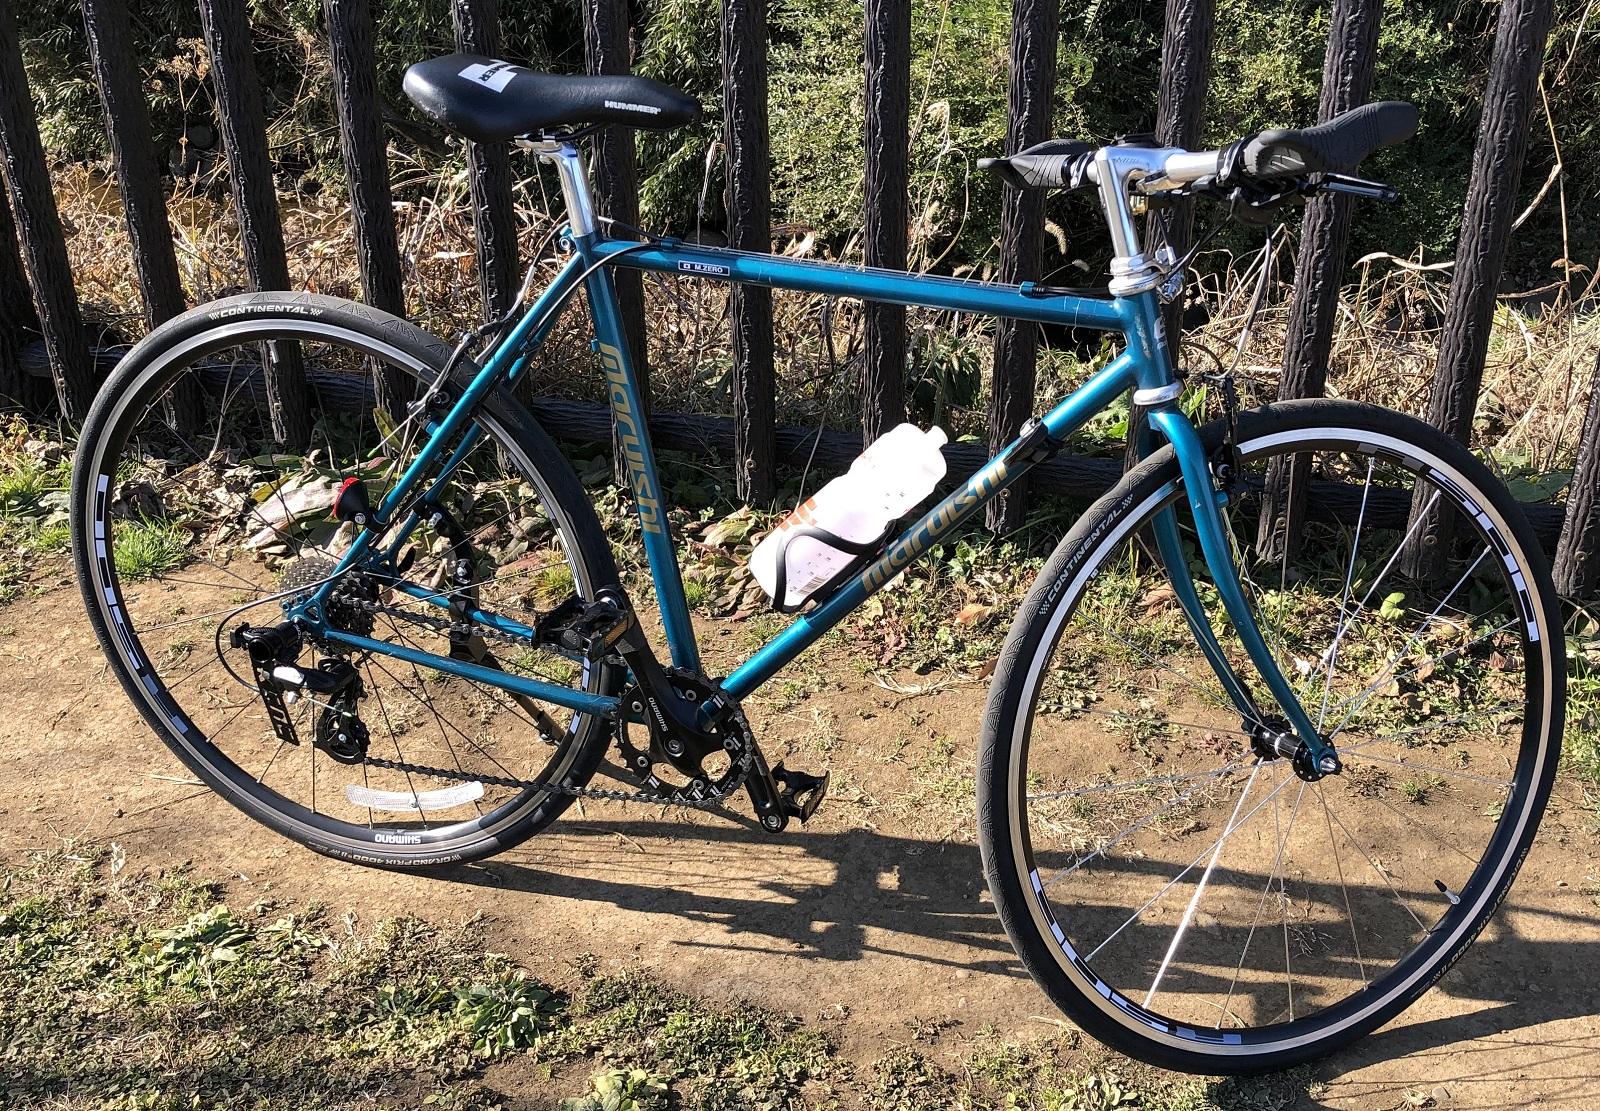 ホイールをWH-R501に変えたクロスバイク